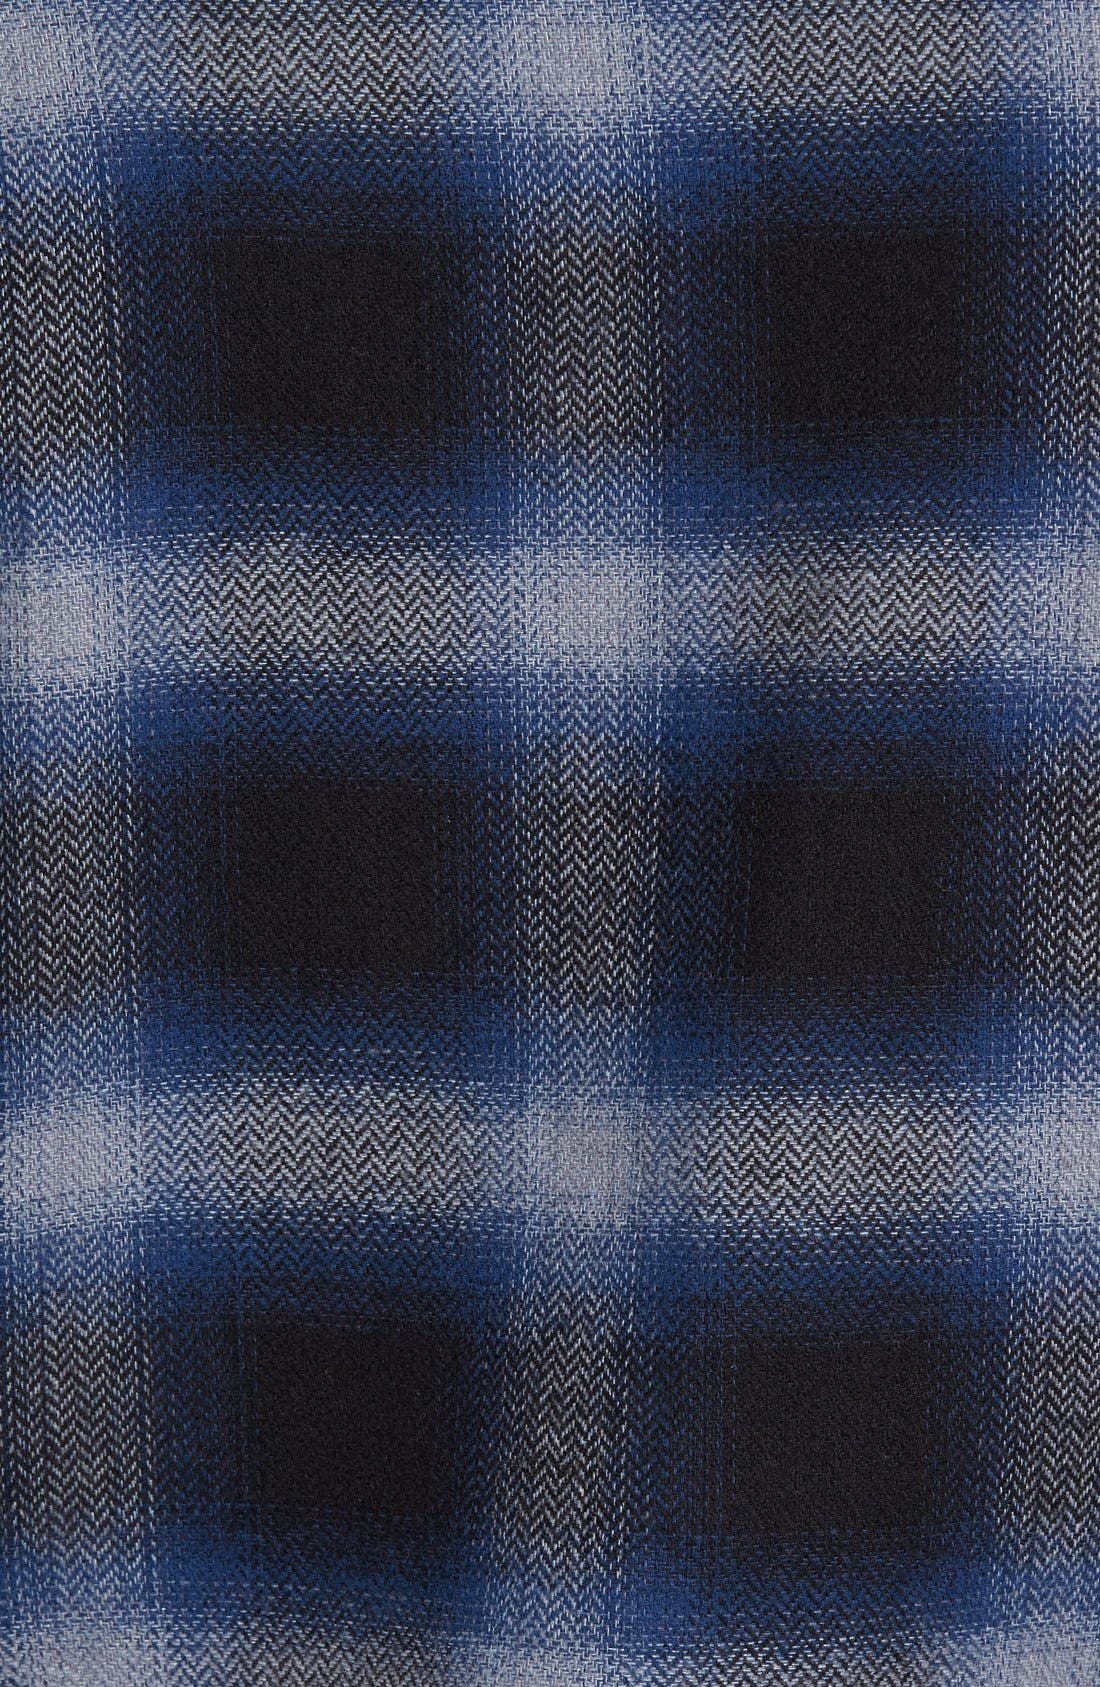 Michael Slim Fit Plaid Flannel Shirt,                             Alternate thumbnail 2, color,                             428